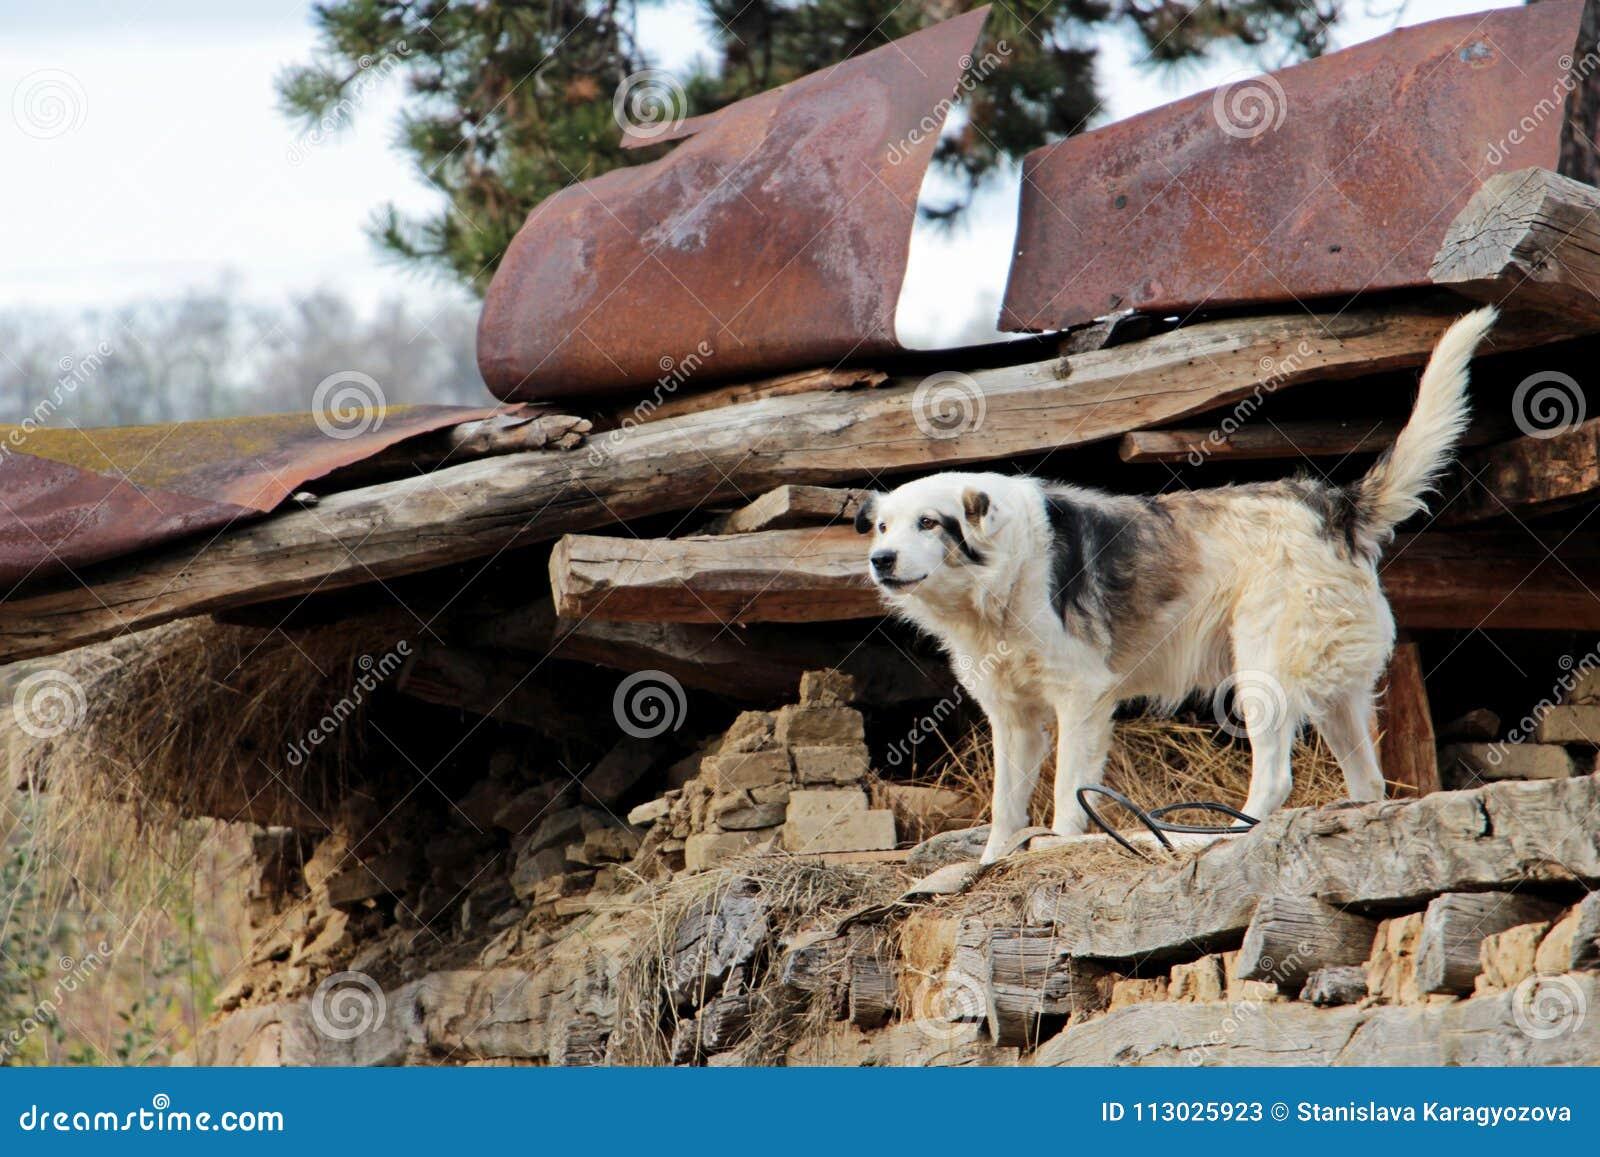 El perro manchado está protegiendo su propiedad